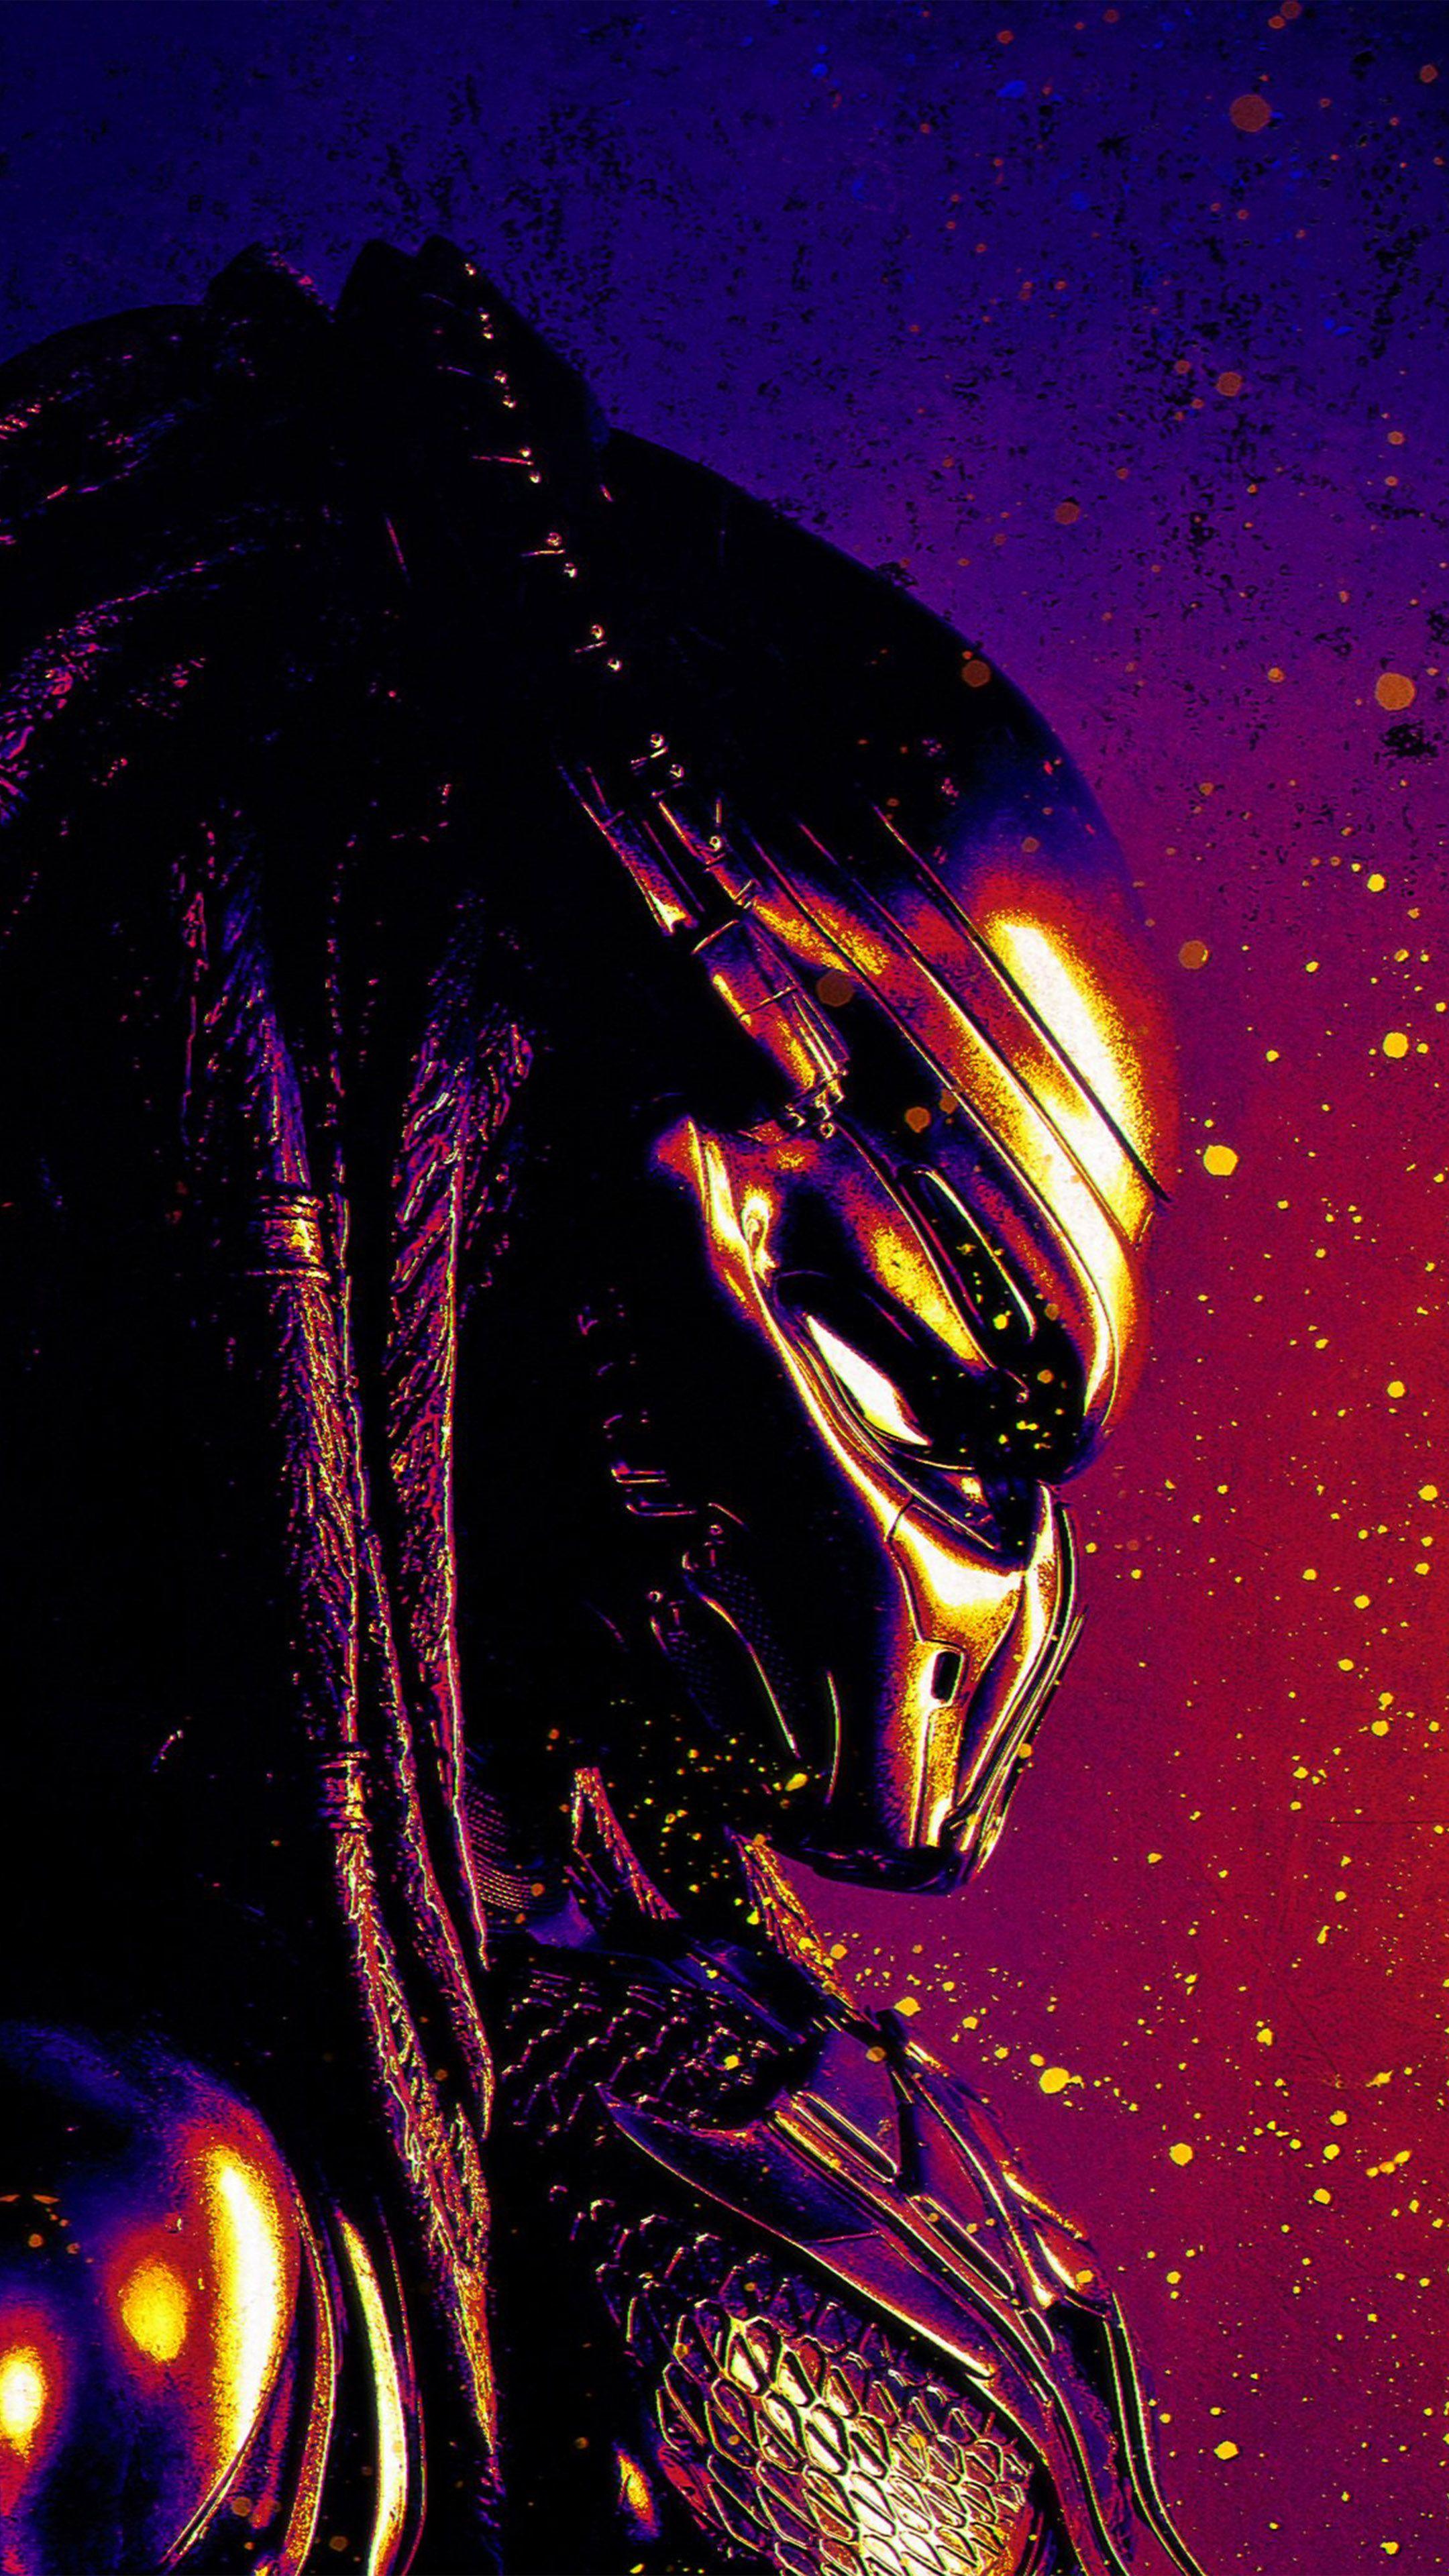 Predator 2018 Artwork | Art Wallpapers | Predator, Artwork, Art